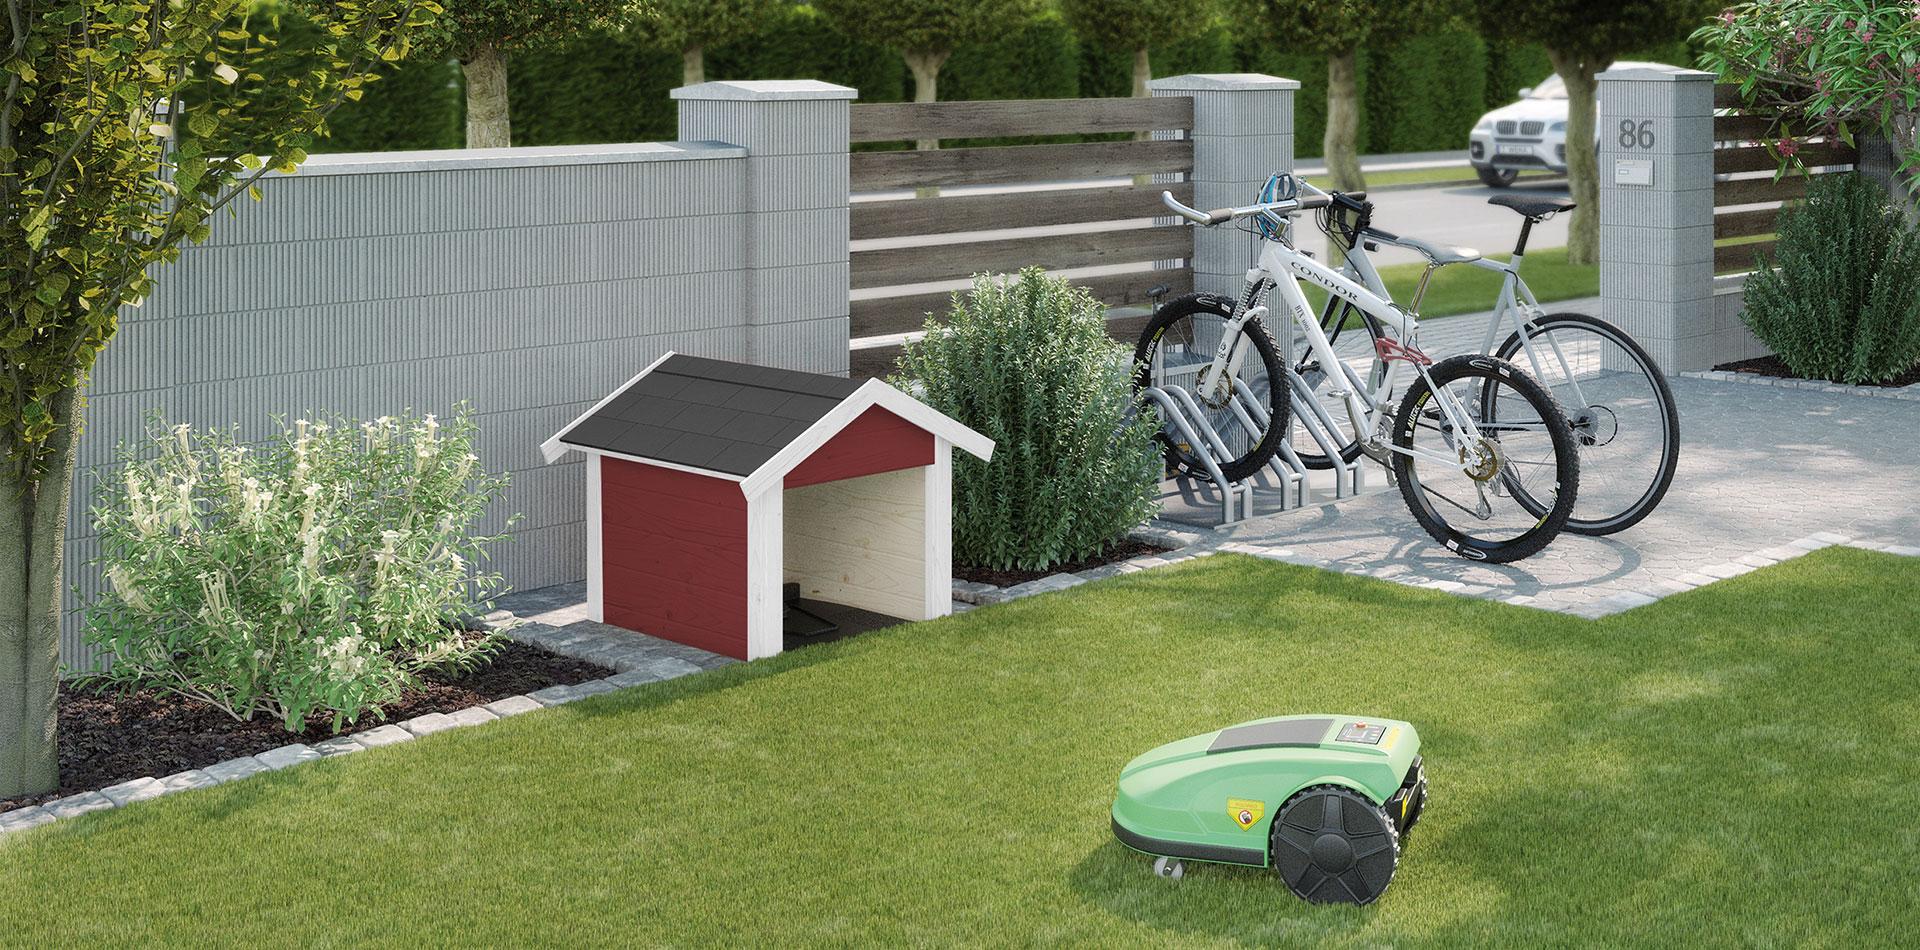 Mähroboter Garage in Rot zum geschützten Parken des Mähroboters